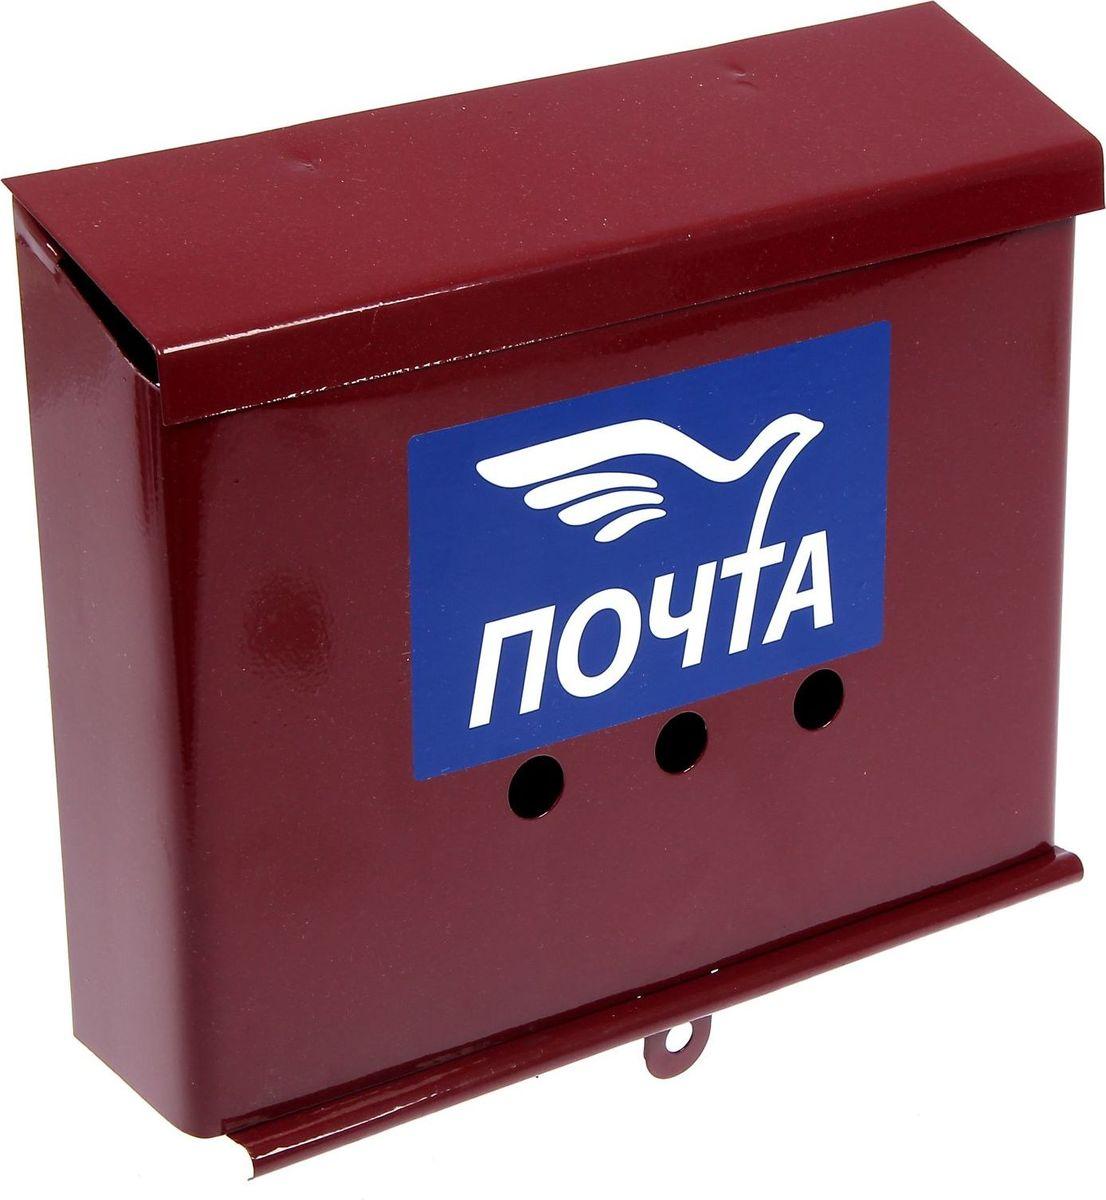 Ящик почтовый Письмо, с петлей, цвет: бордовый, 21 х 25 х 6,5 см2042969Почтовый ящик — то, что актуально во все времена. Несмотря на распространение интернета и мобильной связи, мы продолжаем получать бумажные счета, информационную корреспонденцию, ну а кто-то по-прежнему остается верен старым добрым конвертам. Чтобы не терять связи с неэлектронными сферами жизни, обзаведитесь почтовым ящиком. Установите его в удобном месте… и пишите письма!